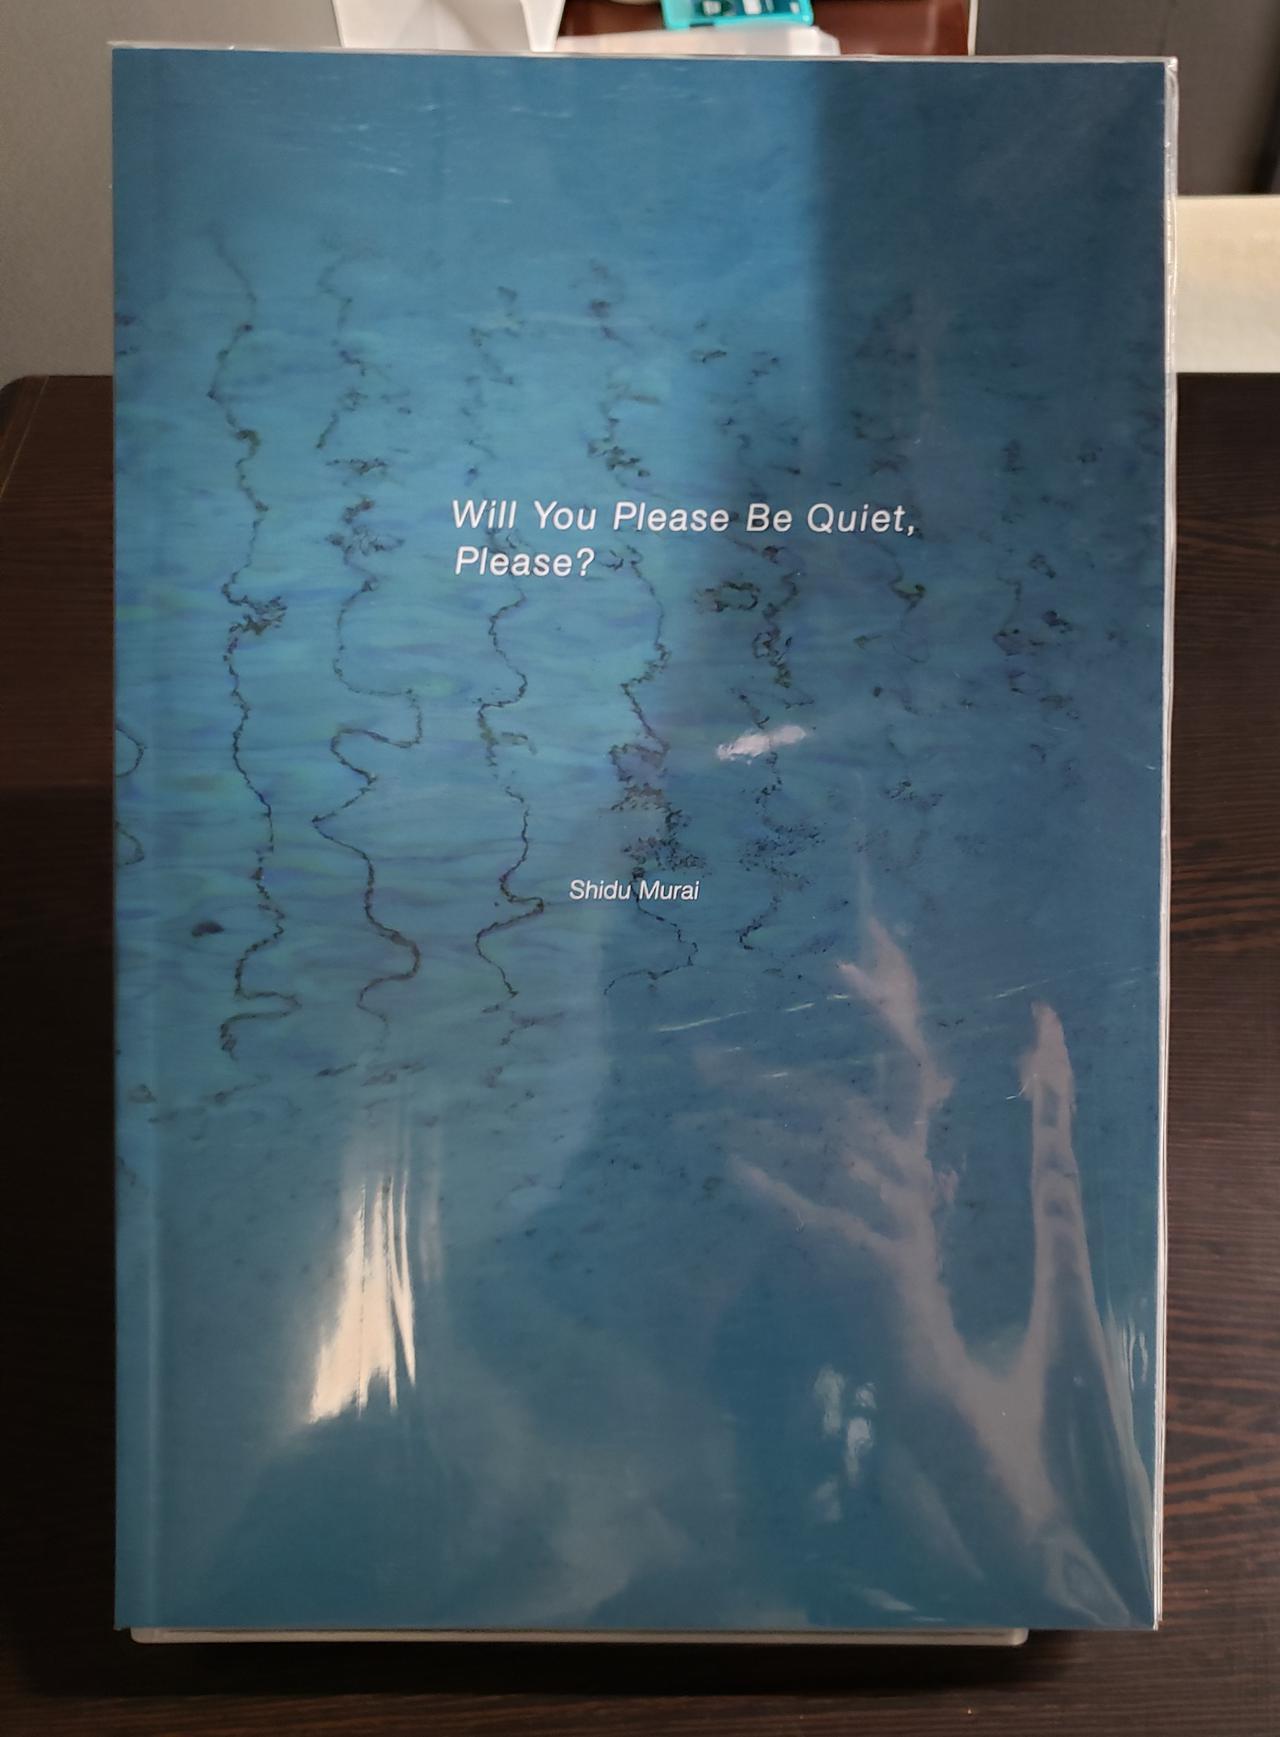 画像: 会場では、村井さんが2018年に上梓した写真集「Will You Please Be Quiet, Please?」(30部限定/B5変形判/ソフトカバー/64ページ)も販売中です。